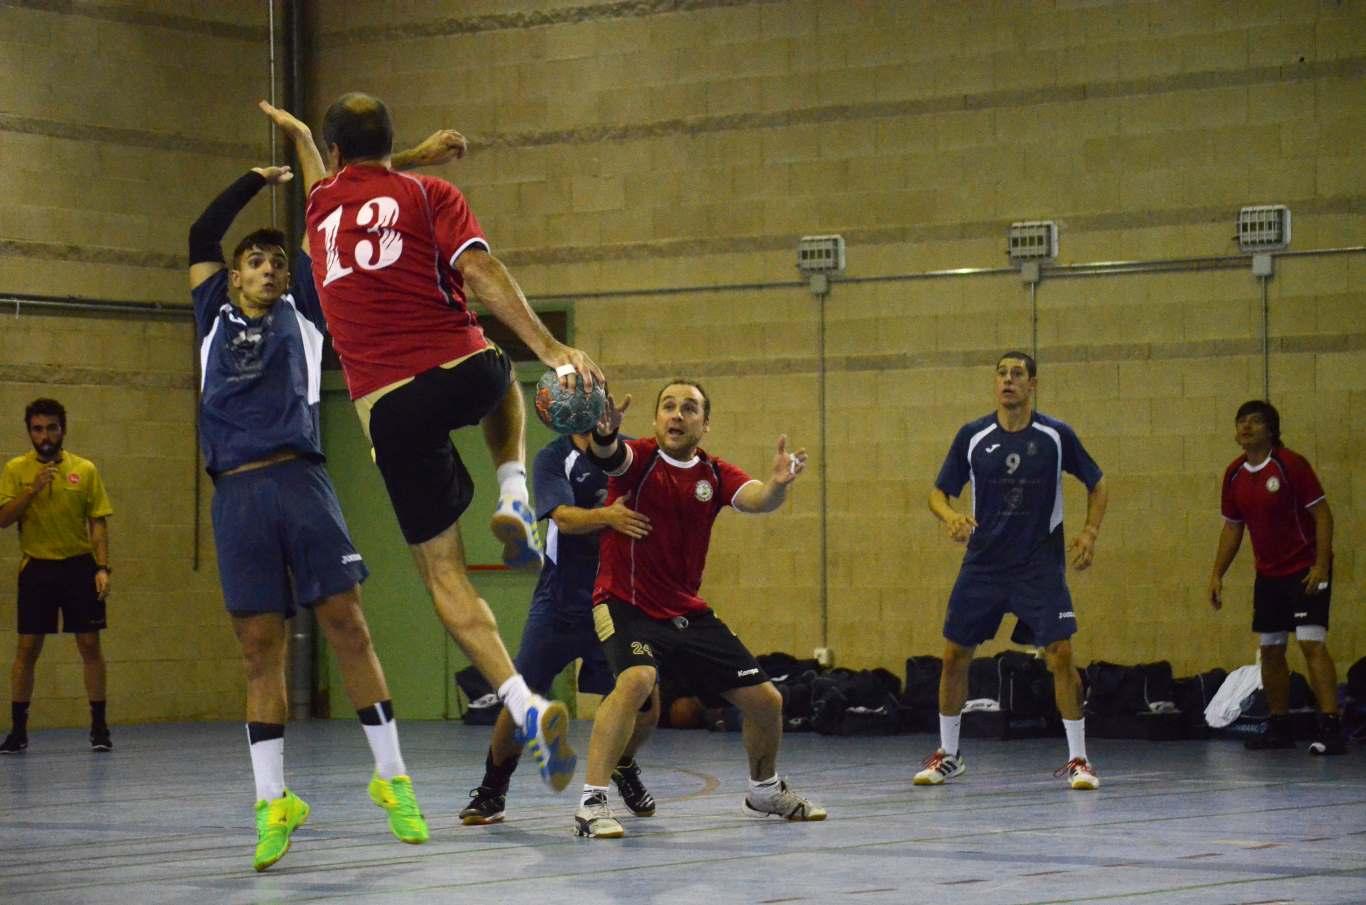 Federacion gallega de balonmano fotos 16